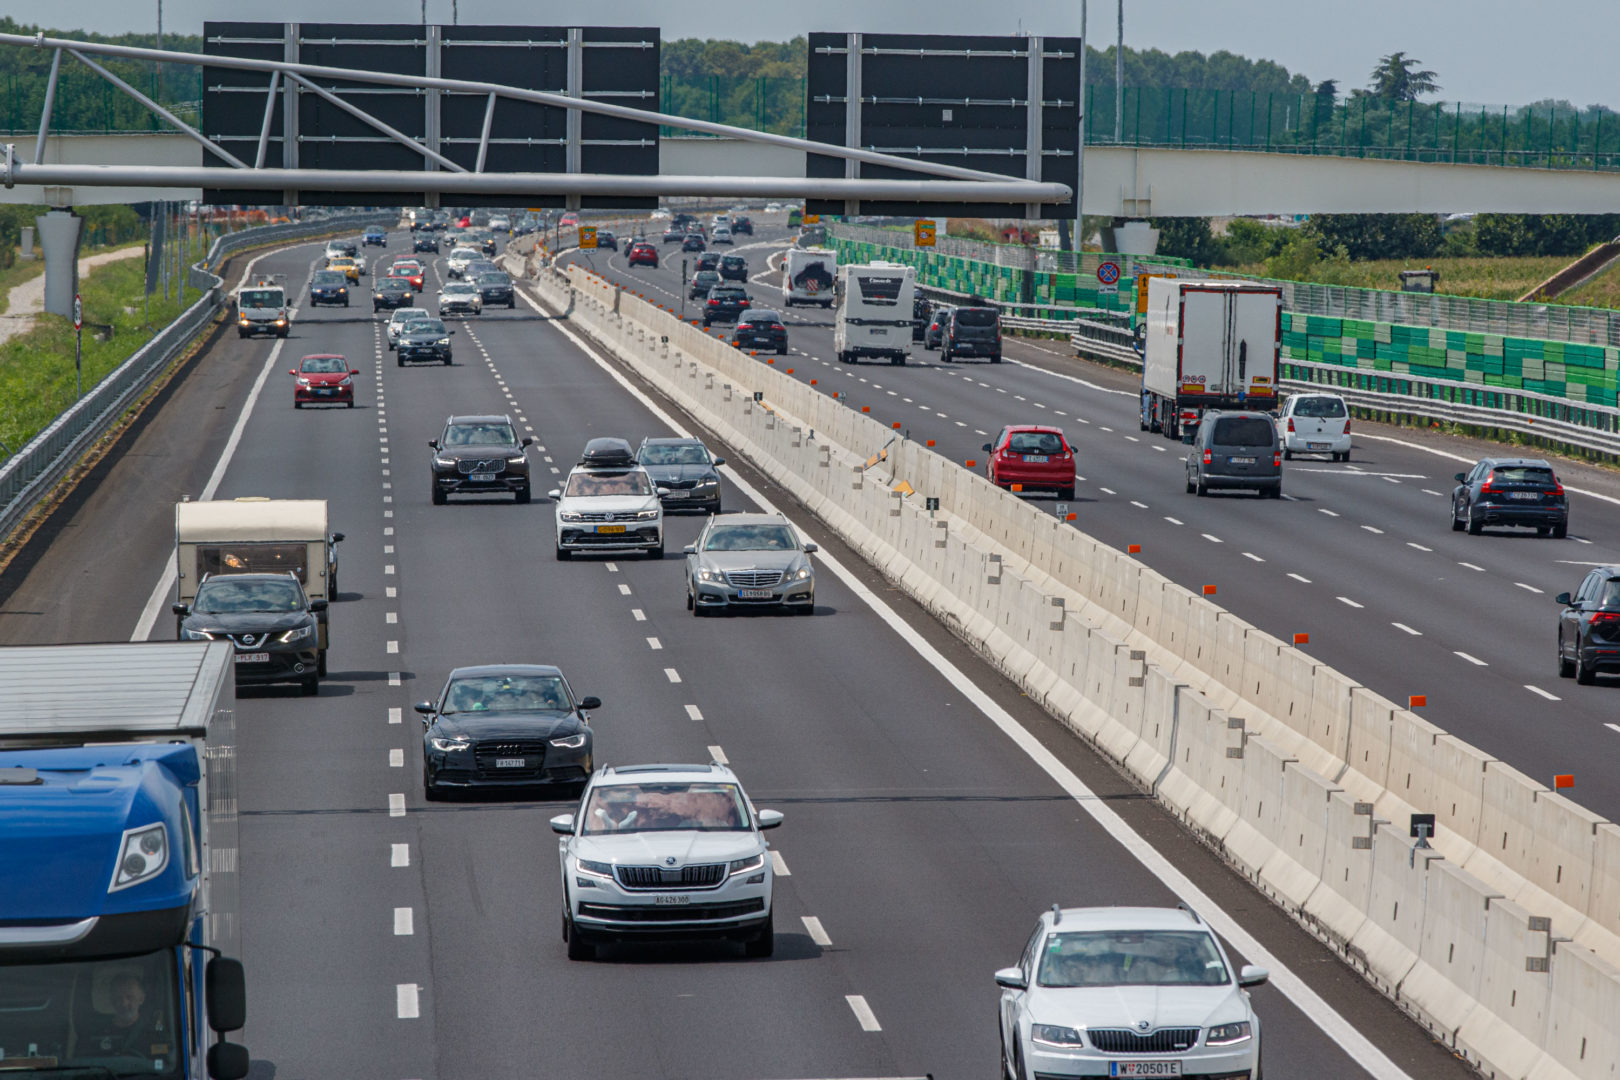 Autostrada: previsione di quasi 200 mila transiti sabato 07 agosto